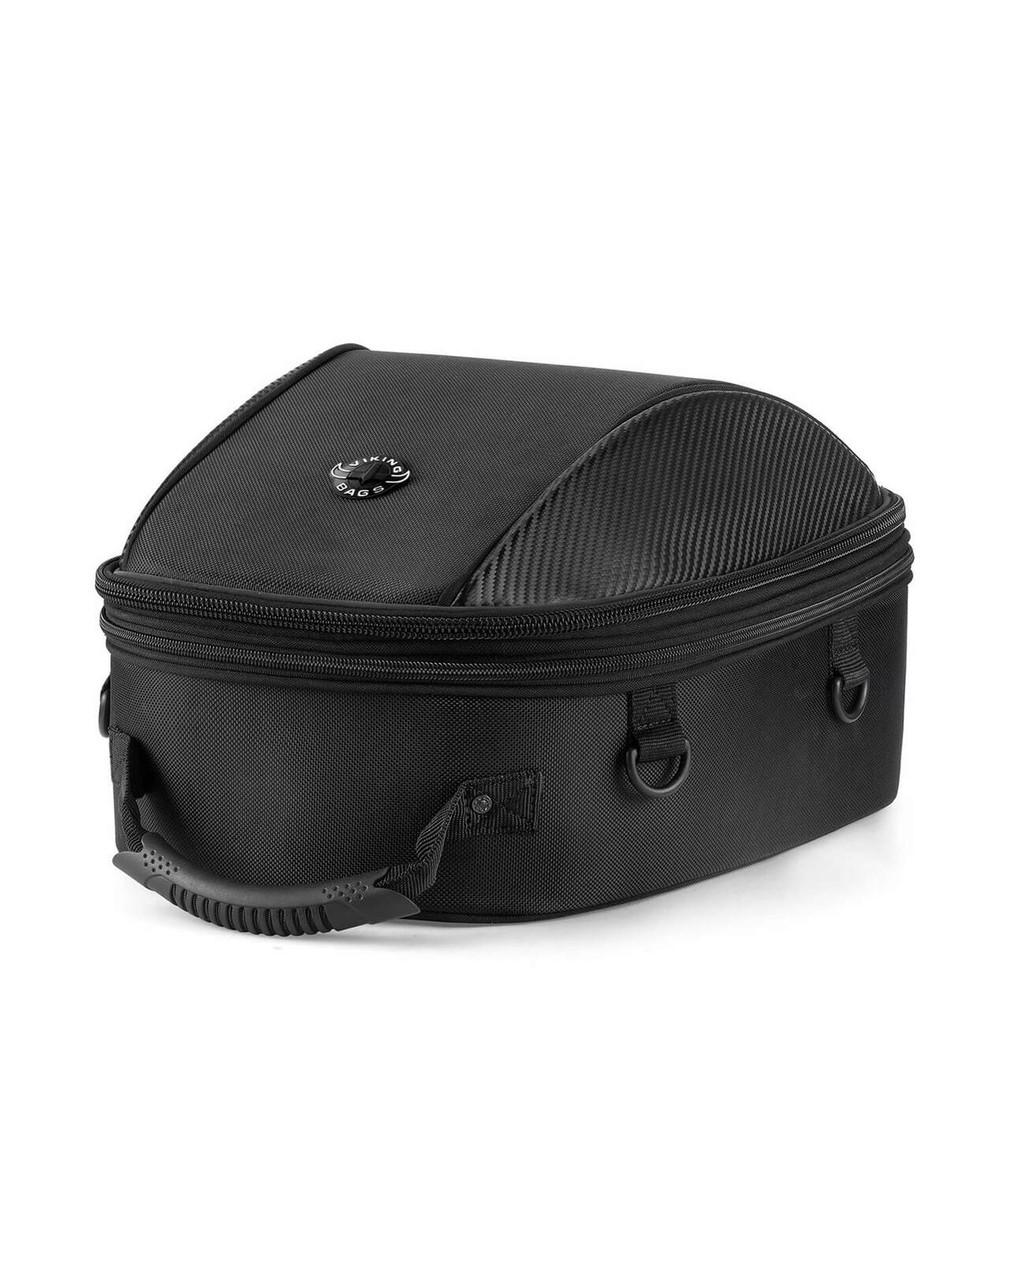 Viking Medium Black Tail Bag For Harley Davidson Main View